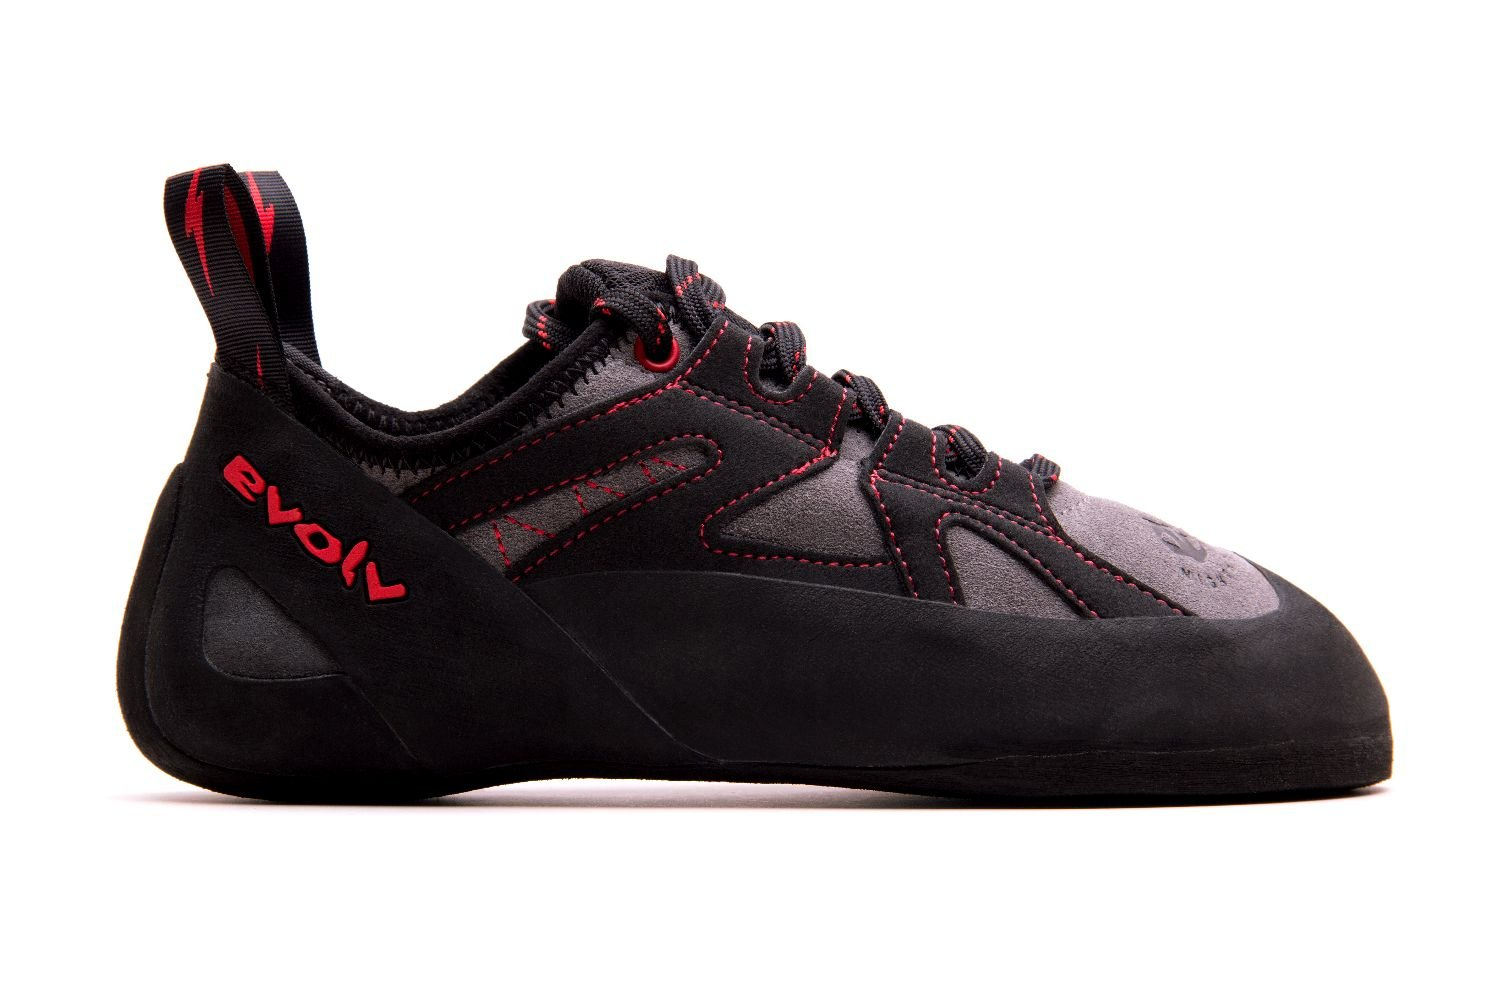 Evolv Nighthawk Climbing Shoe - Men's Gray/Black 12.5